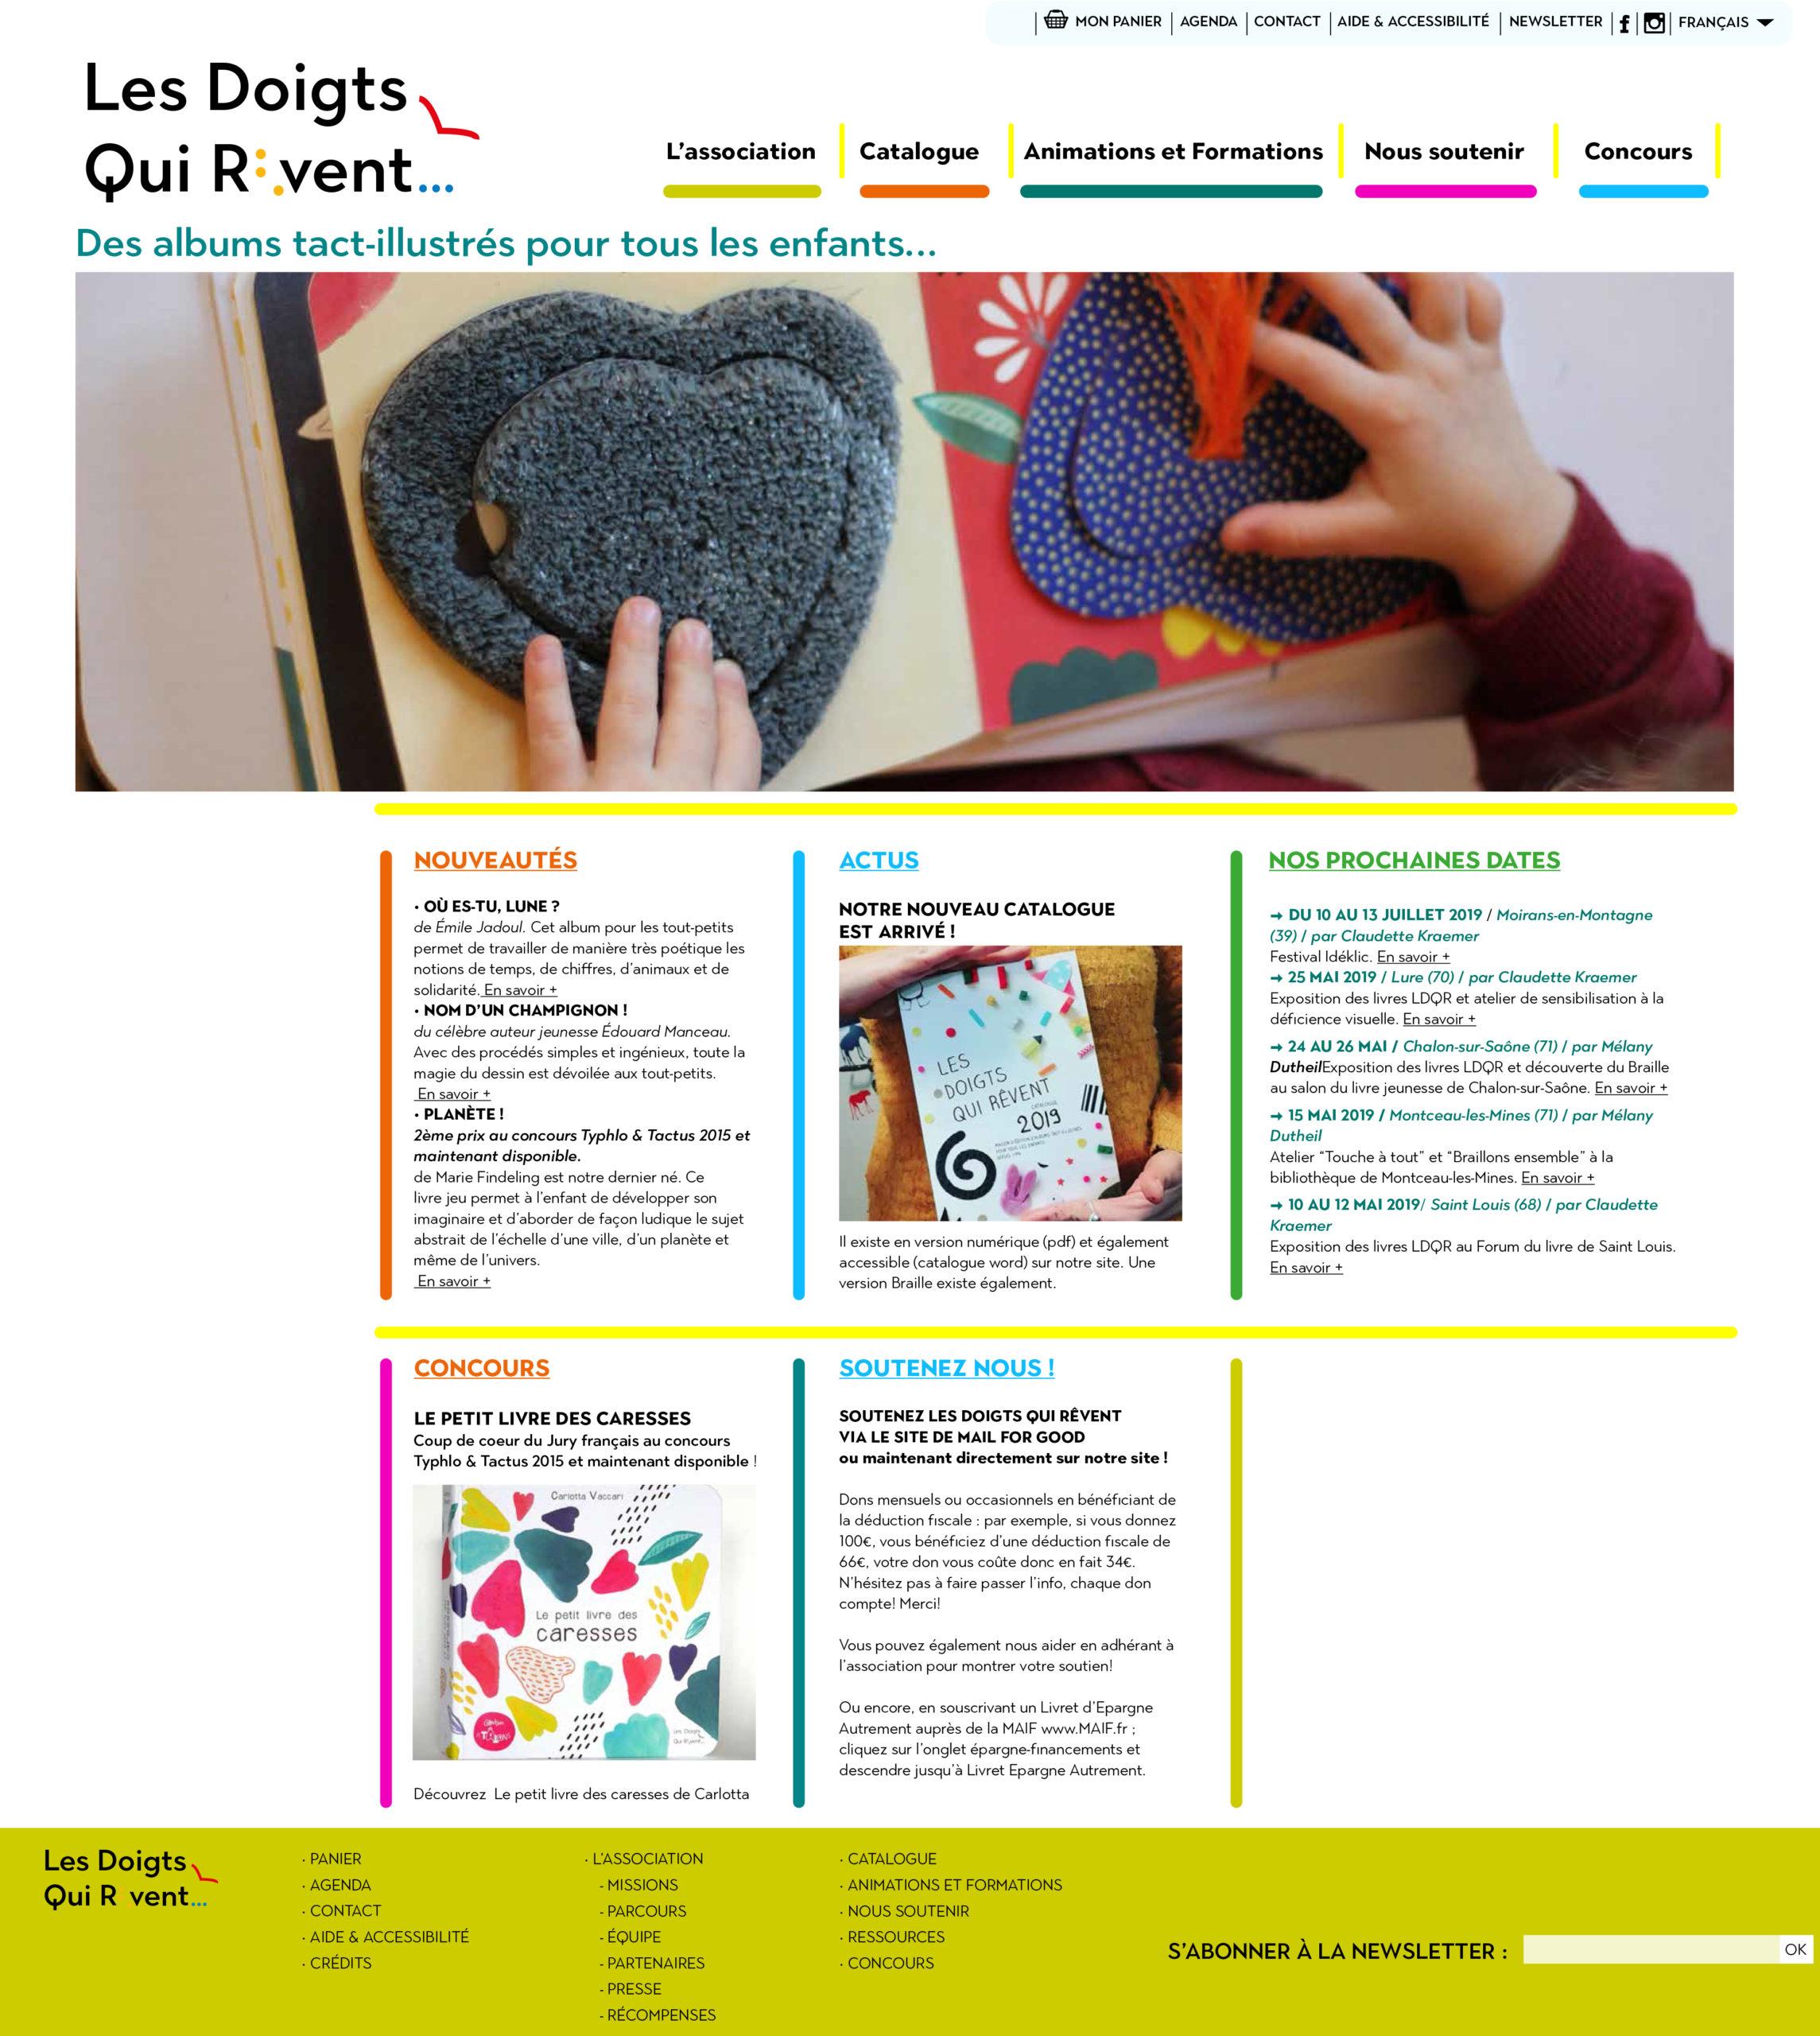 Accueil-site-LDQR-5-1